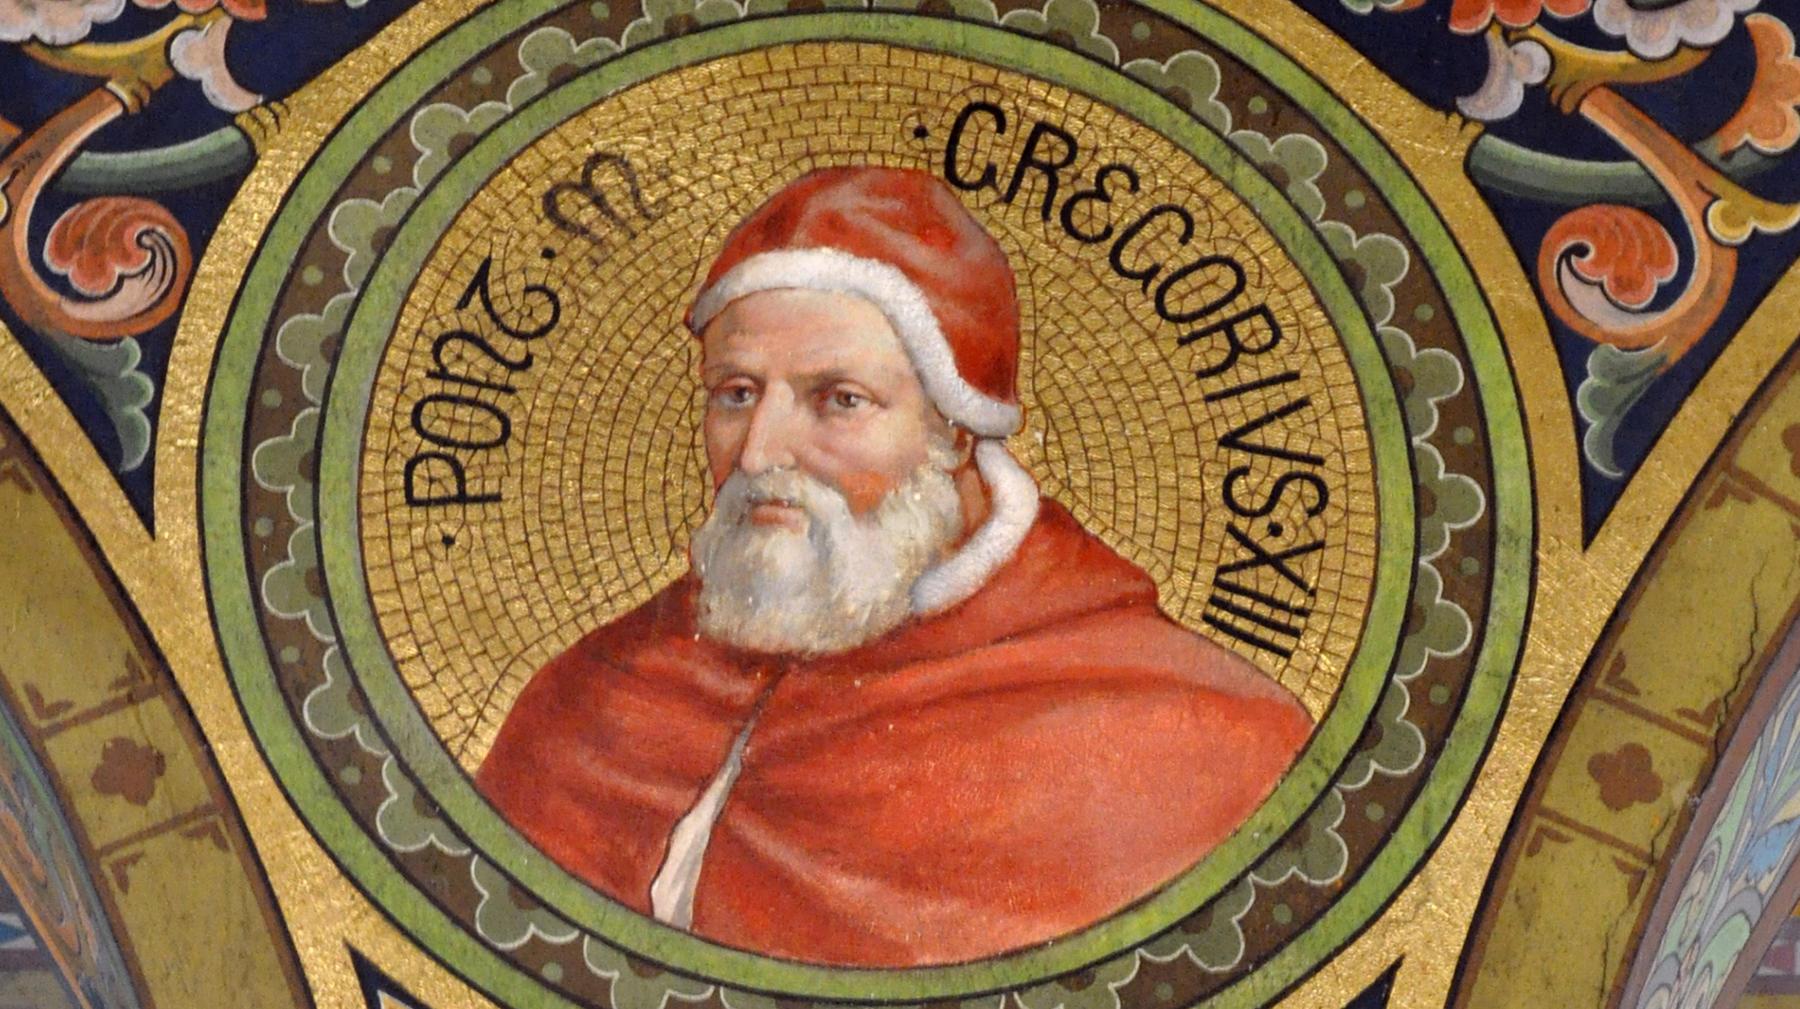 Папа Римский Григорий 13 ввел календарь, по которому украинские католики празднуют Рождество